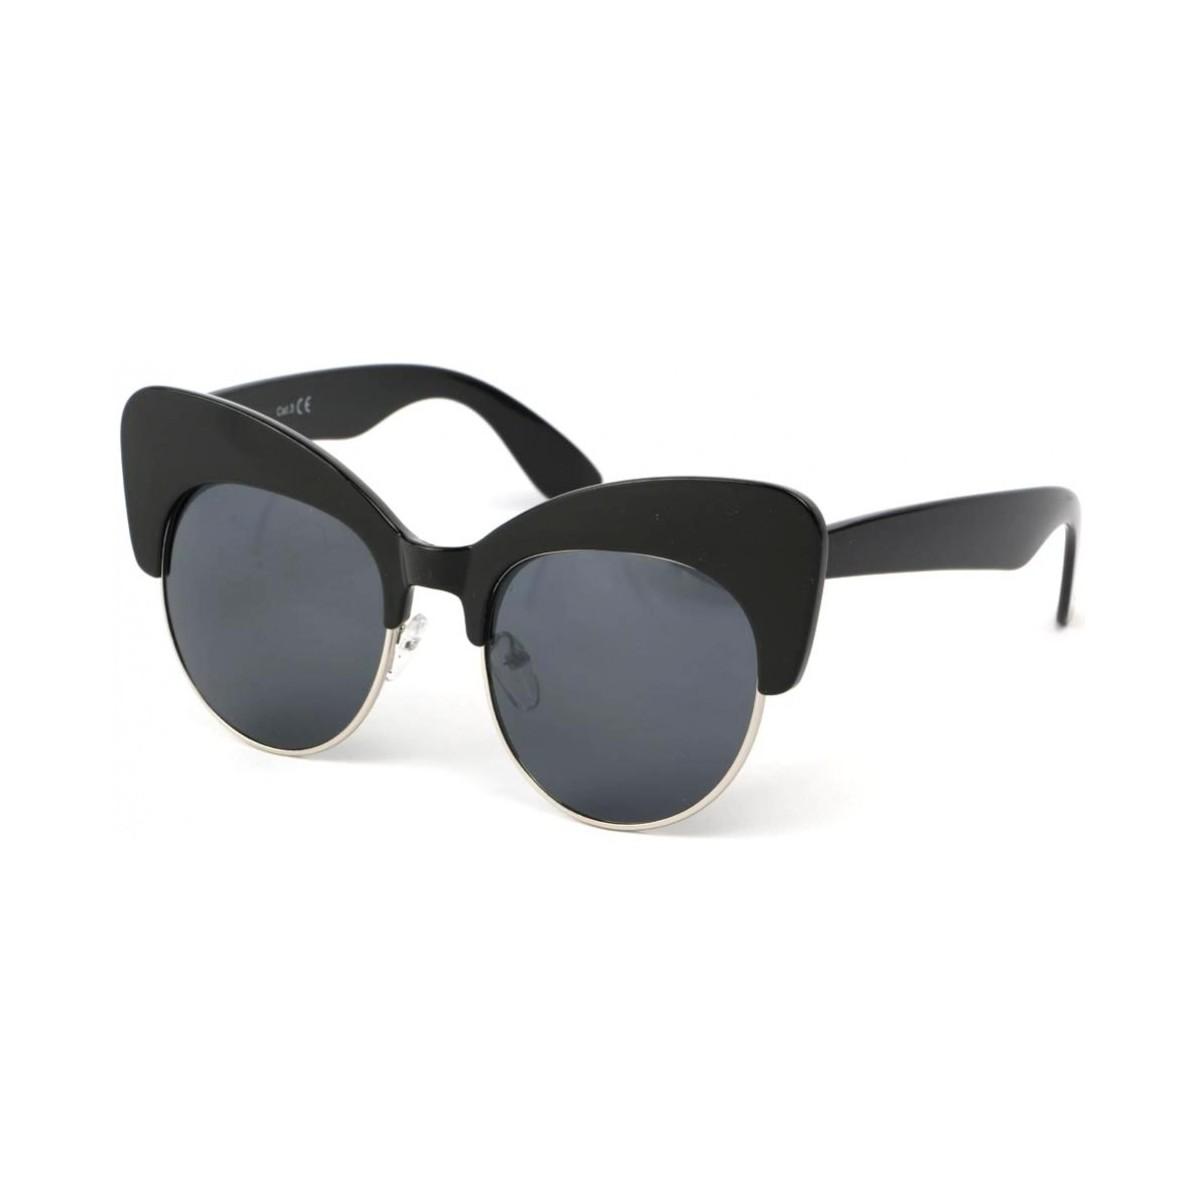 Eye Wear Lunettes Soleil Maryline avec monture noire Noir